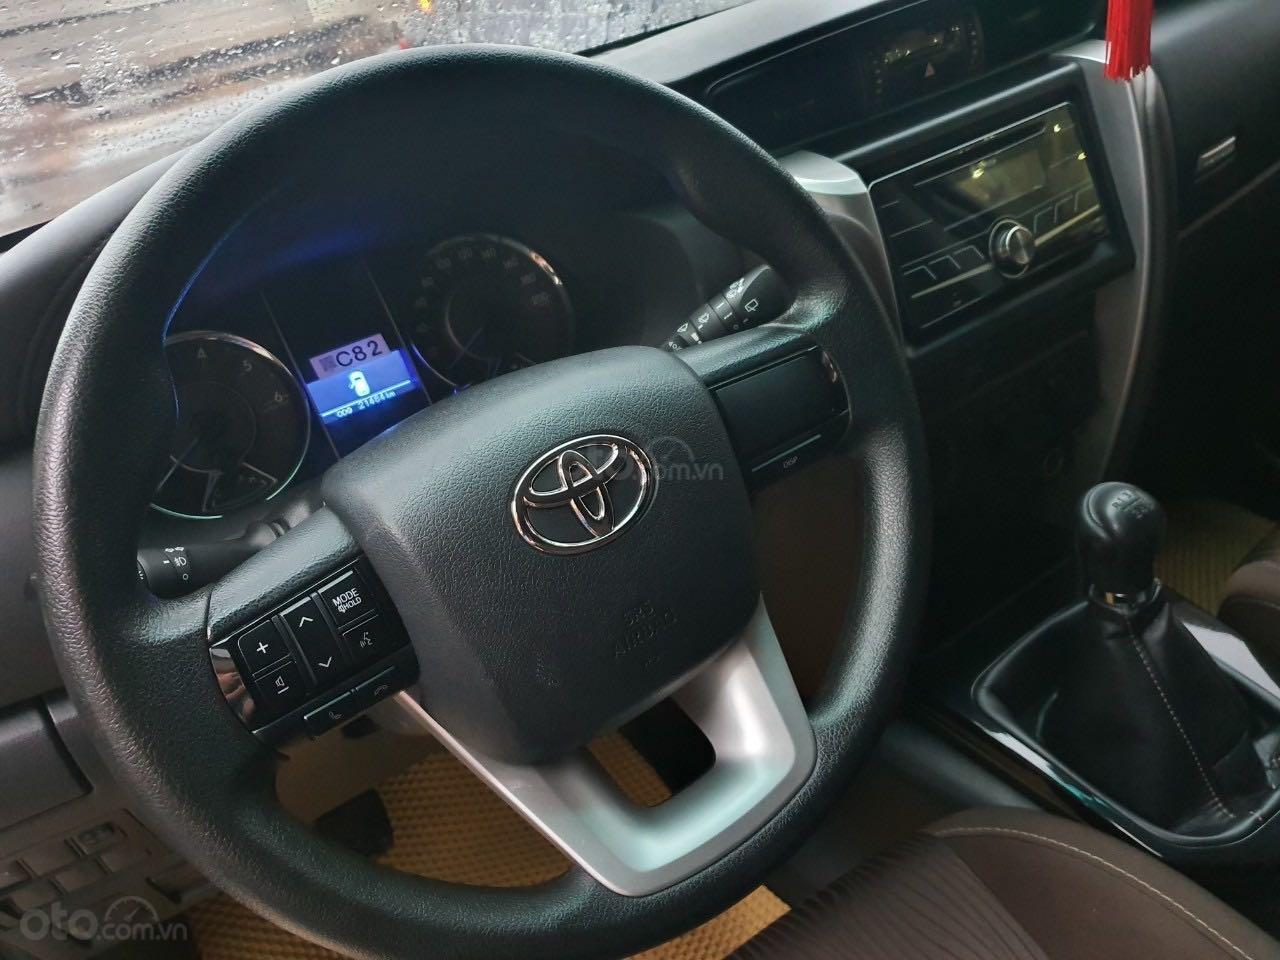 Cần bán gấp Toyota Fortuner 2.5 năm sản xuất 2017, màu đen, xe nhập số sàn, 860tr (6)